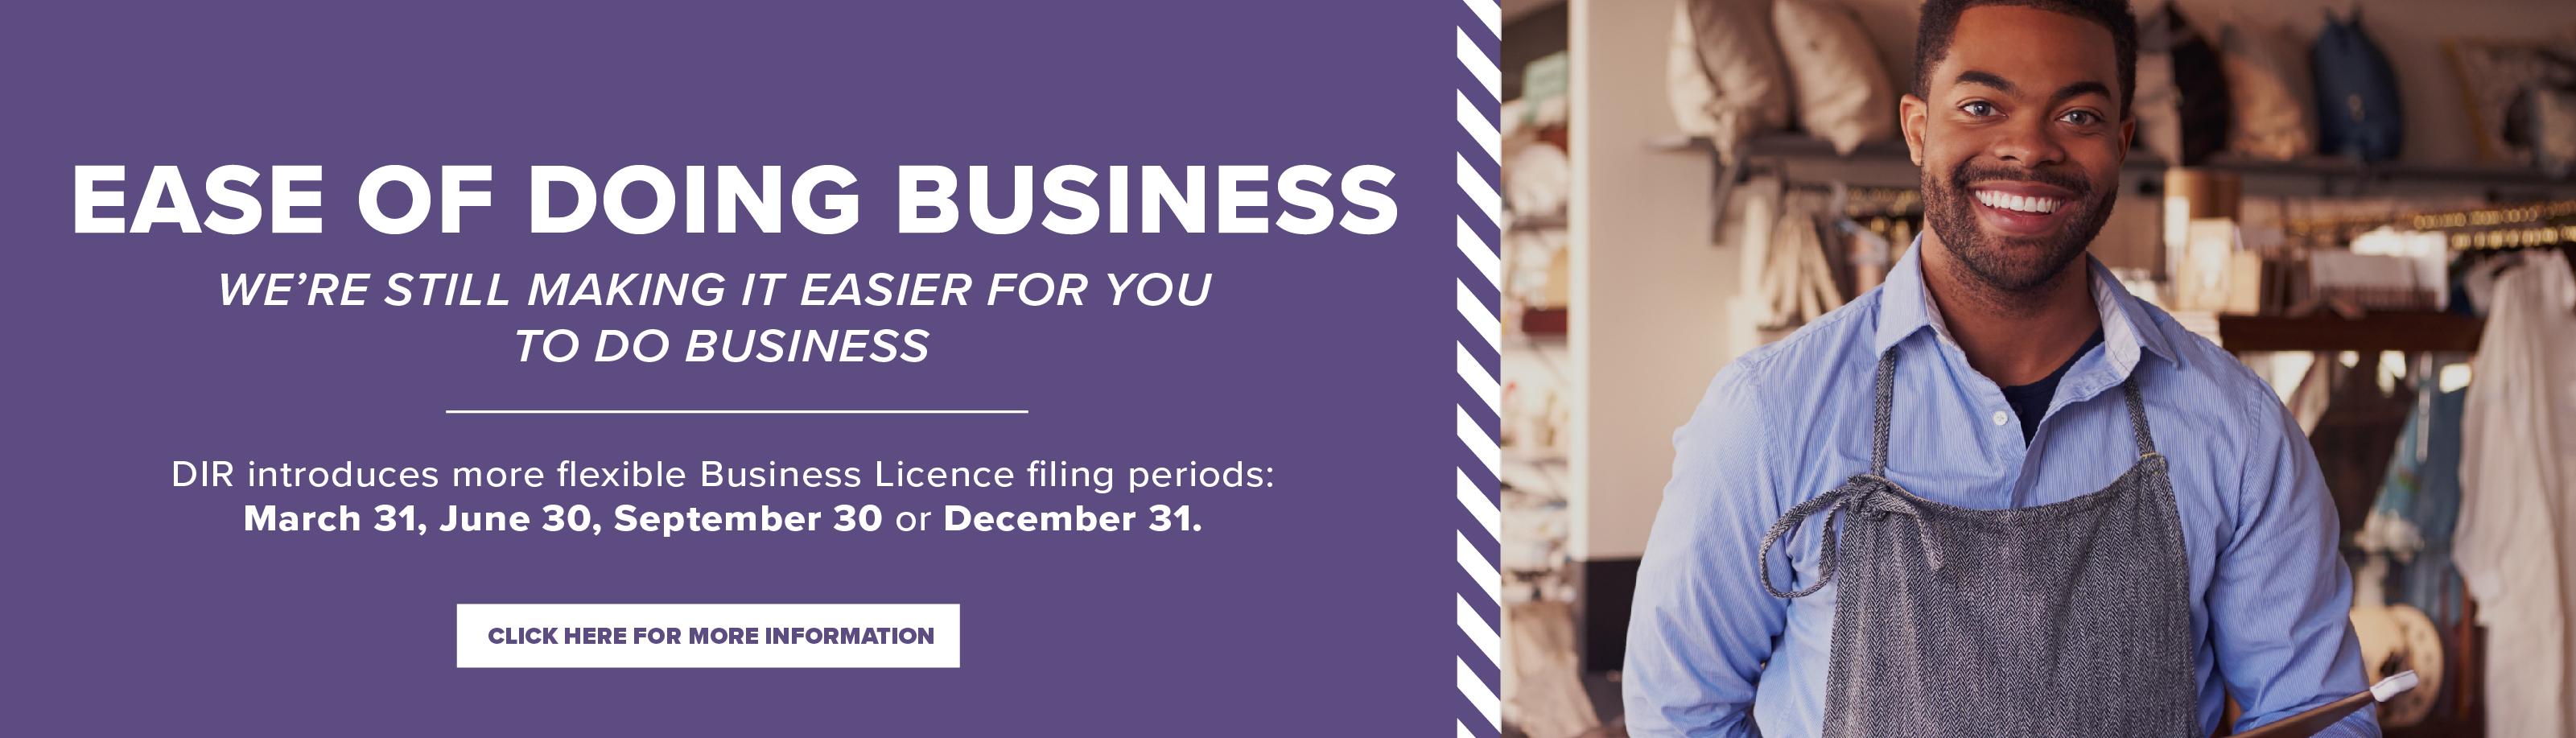 Ease-Of-Doing-Business-Slider